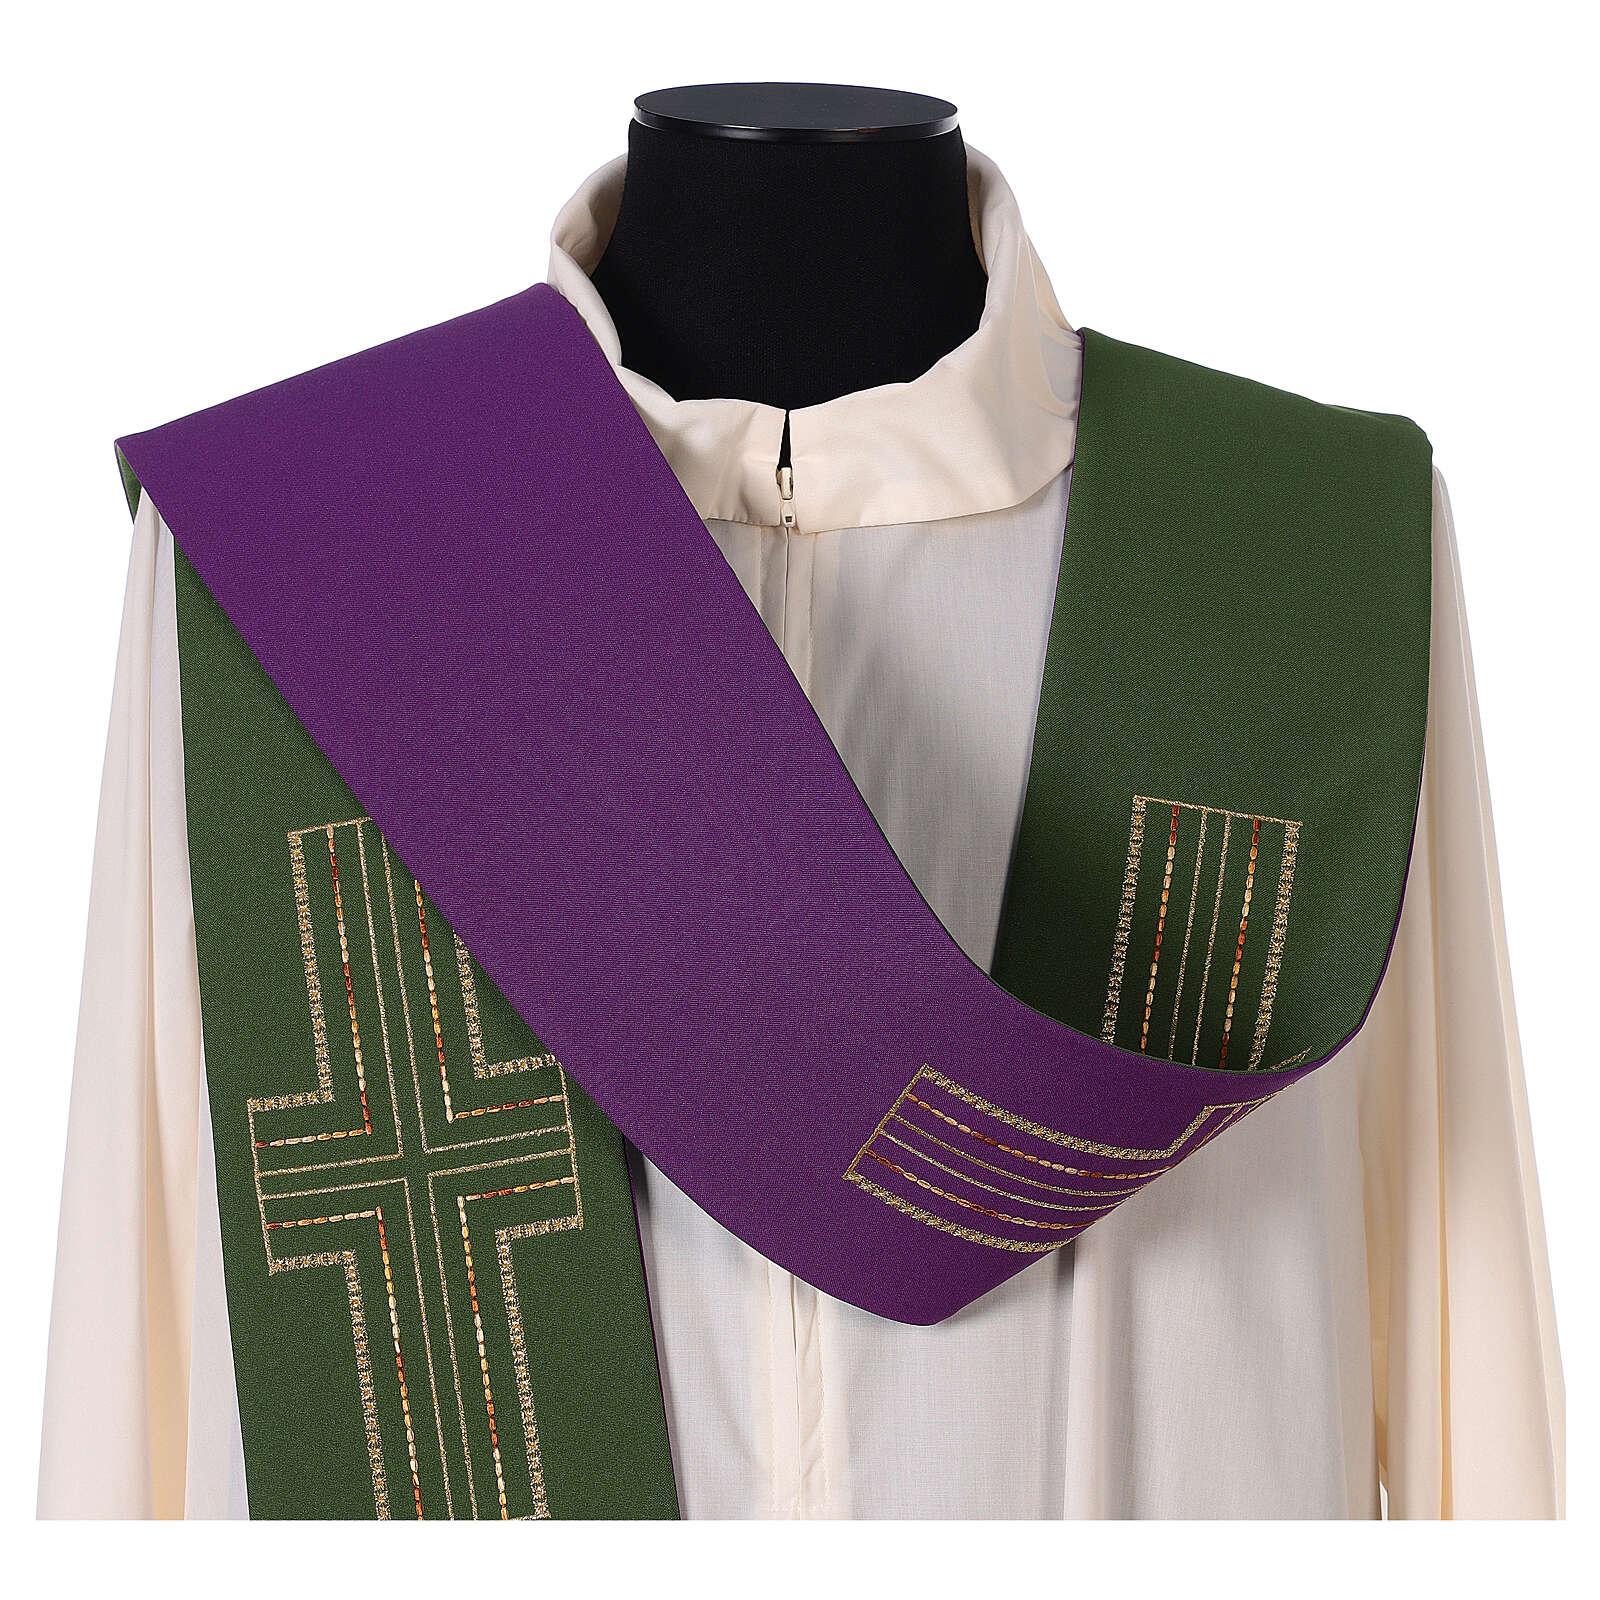 Estola Litúrgica bicolor verde y violeta cruz 100% poliéster 4